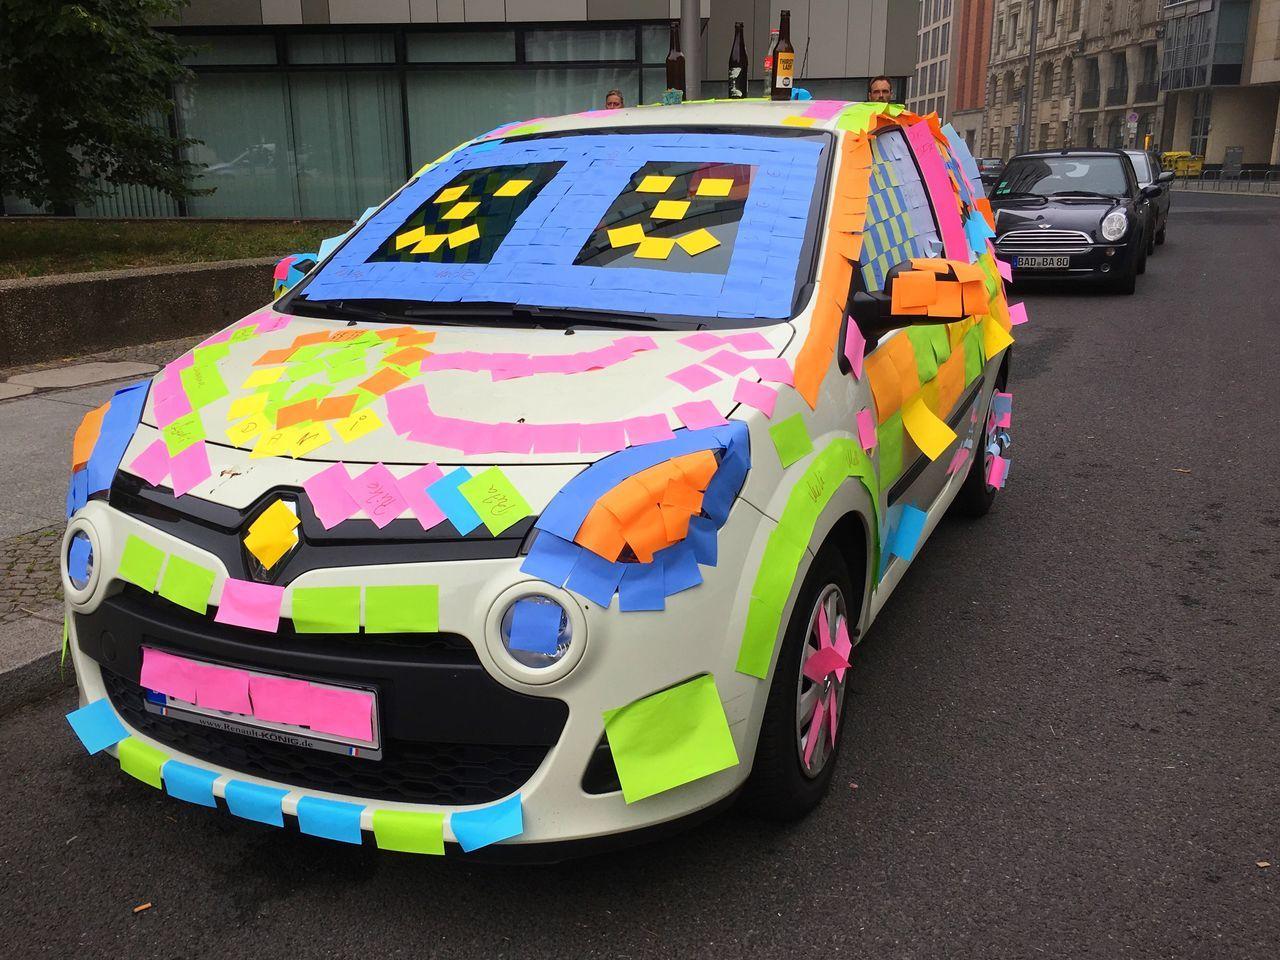 Post-it, Baby Berliner Ansichten Berlin Mitte Car Fun Party Prank